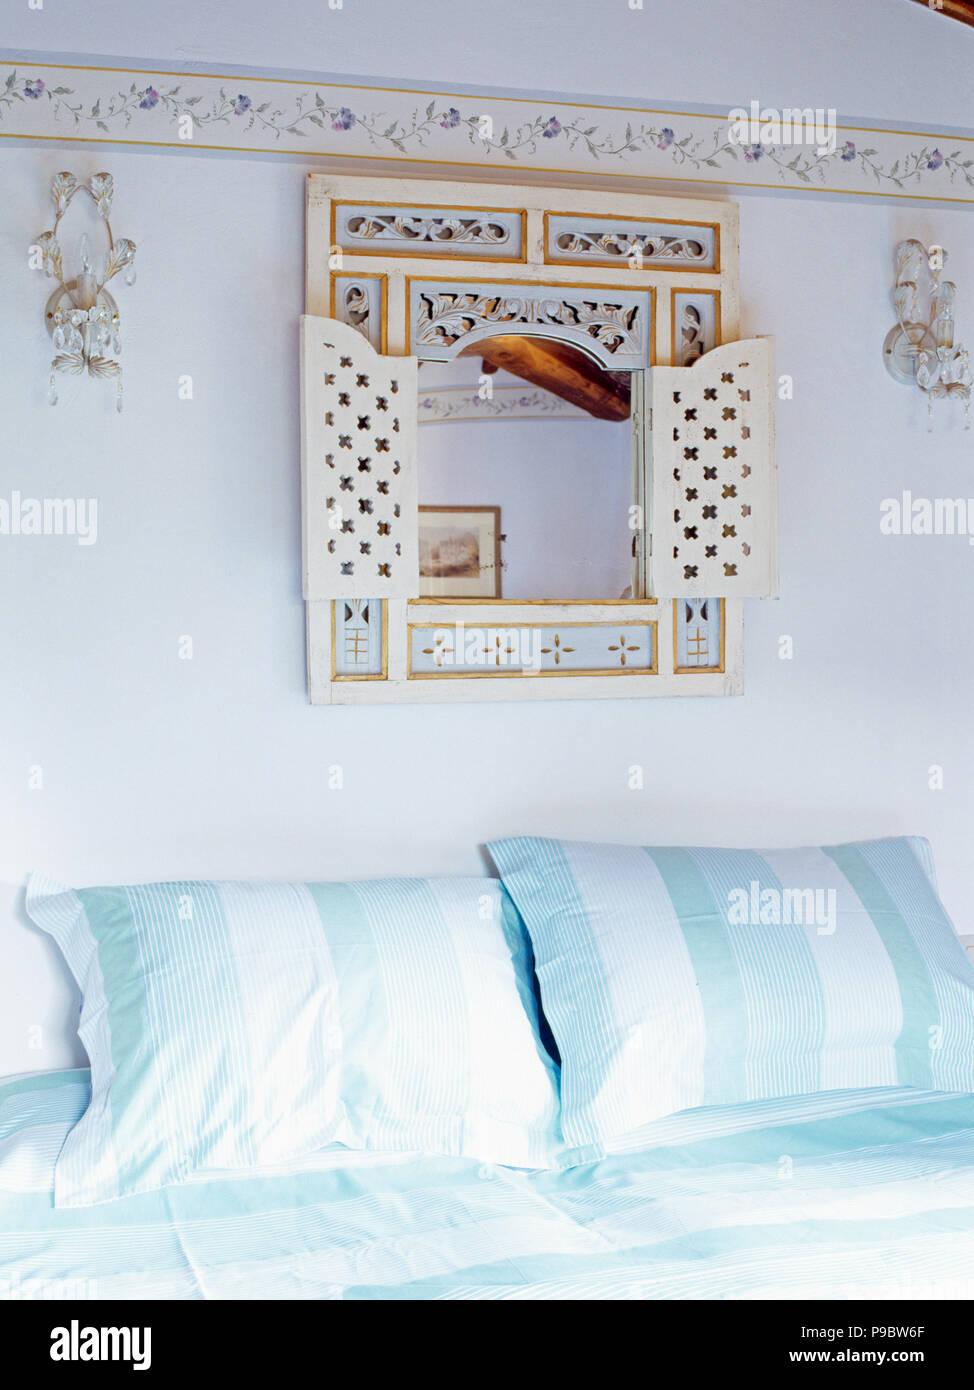 Lackierte Spiegel An Der Wand über Dem Bett Mit Breiter Blende   Gestreifte  Türkis Weiß Gestreiften Kissen In Der Toskanischen Schlafzimmer